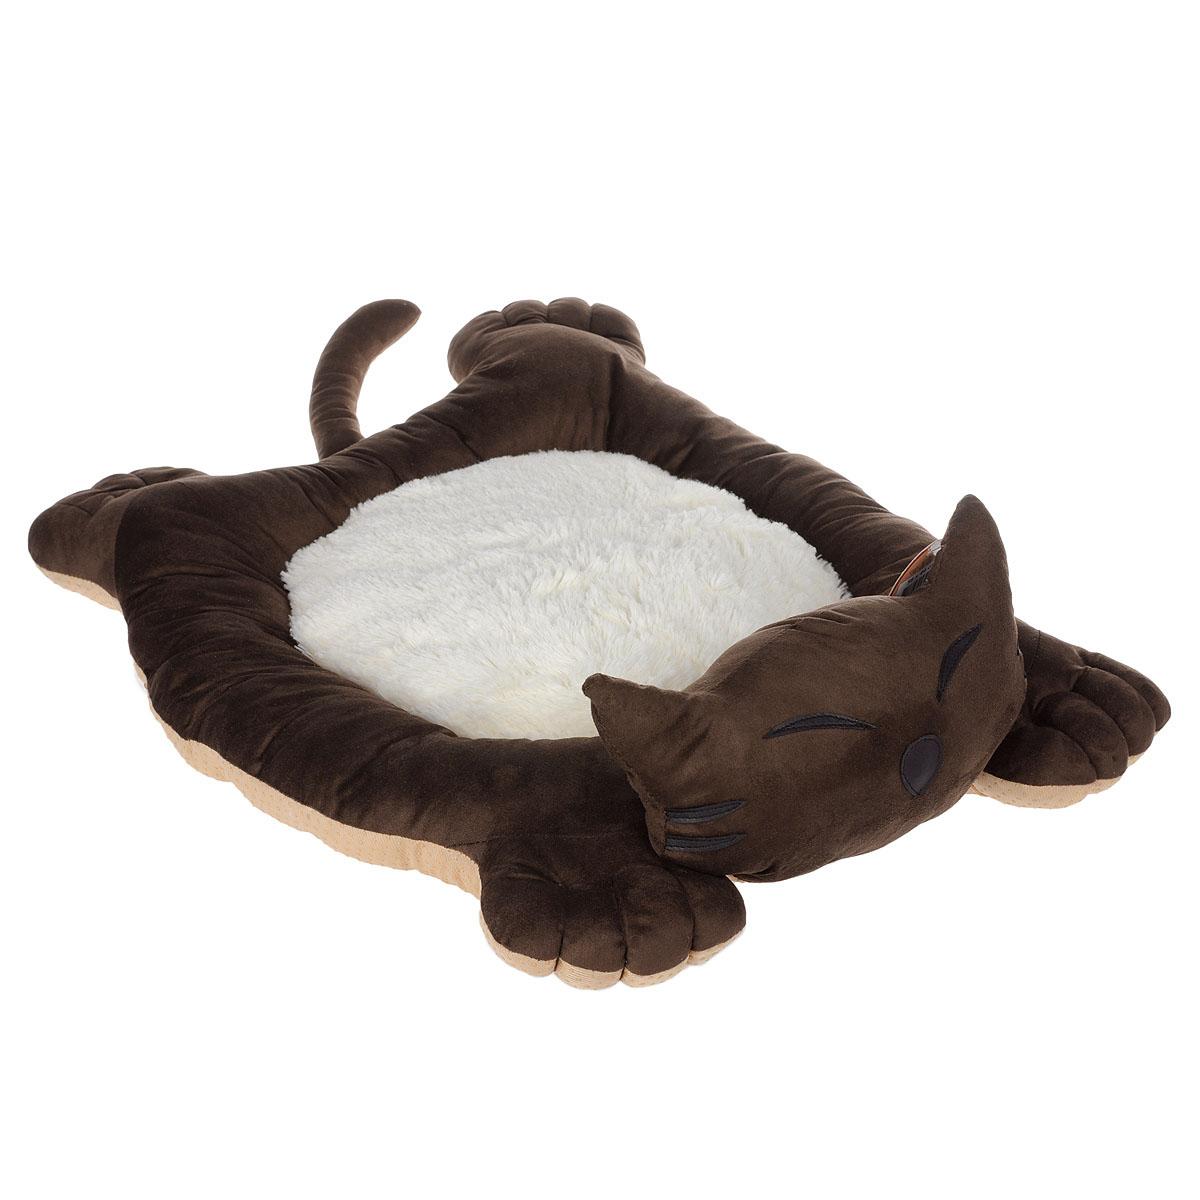 Лежак для собак и кошек I.P.T.S. Sylvester, цвет: коричневый, белый, 56 см х 44 см х 14,5 смYT71914Мягкий и уютный лежак для кошек и собак I.P.T.S. Sylvester обязательно понравится вашему питомцу. Лежак выполнен в виде кота. Он изготовлен из нежного, приятного материала. Внутри - мягкий наполнитель, который не теряет своей формы долгое время.Мягкий, приятный и теплый лежак обеспечит вашему любимцу уют и комфорт. Подходит как для кошек, так и для маленьких, карликовых пород собак.За изделием легко ухаживать, можно стирать вручную или в стиральной машине при температуре 30°С. Материал бортиков: искусственная замша.Материал матрасика: плюш.Наполнитель: полифибер.Товар сертифицирован.